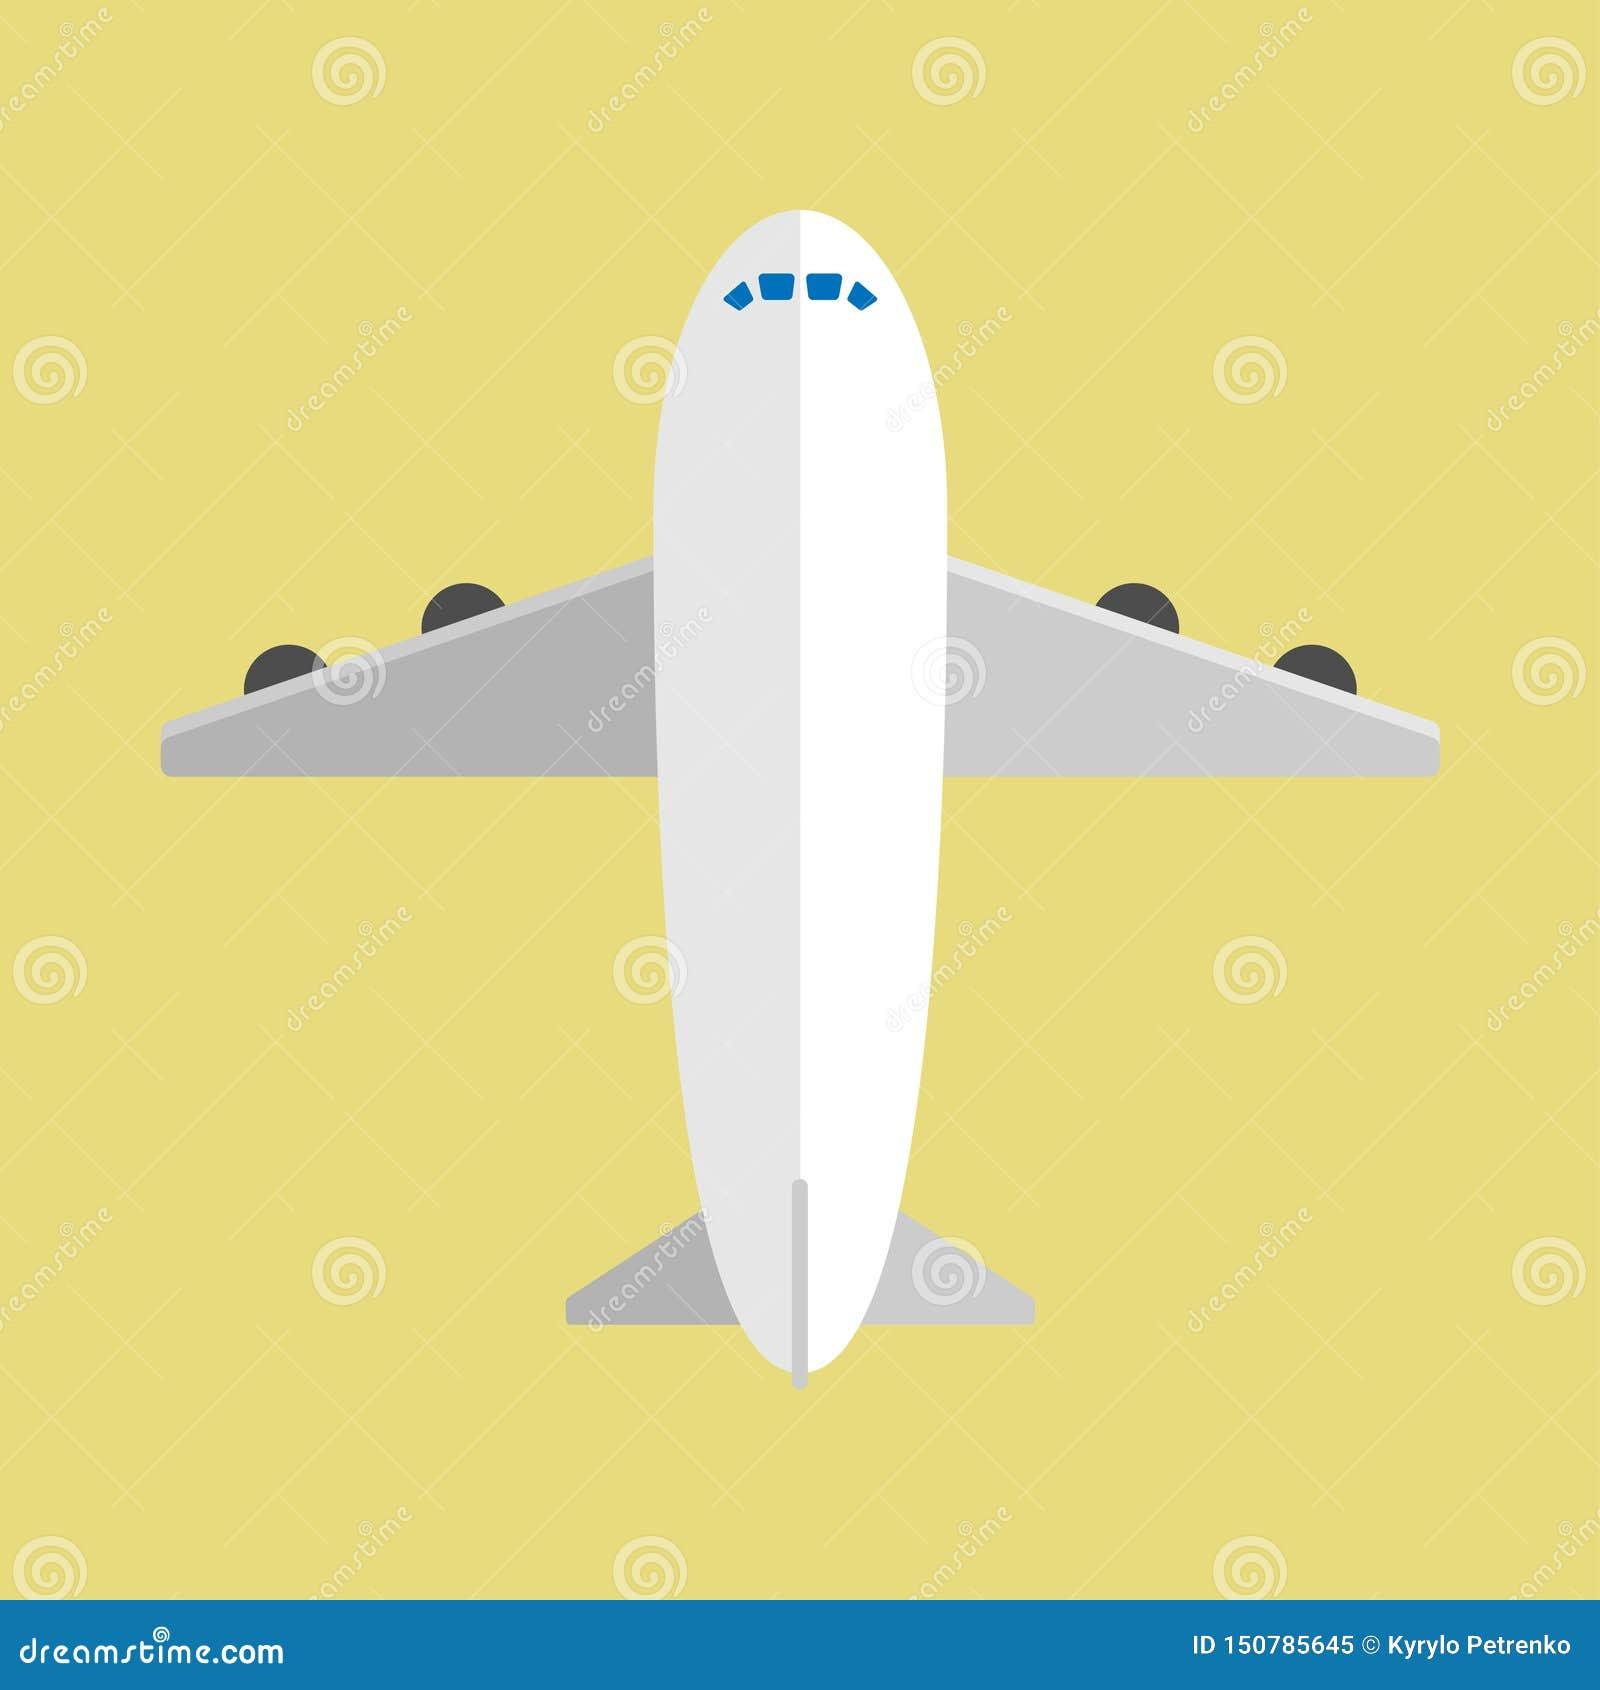 Flugzeug im flachen Entwurf mit Hintergrund